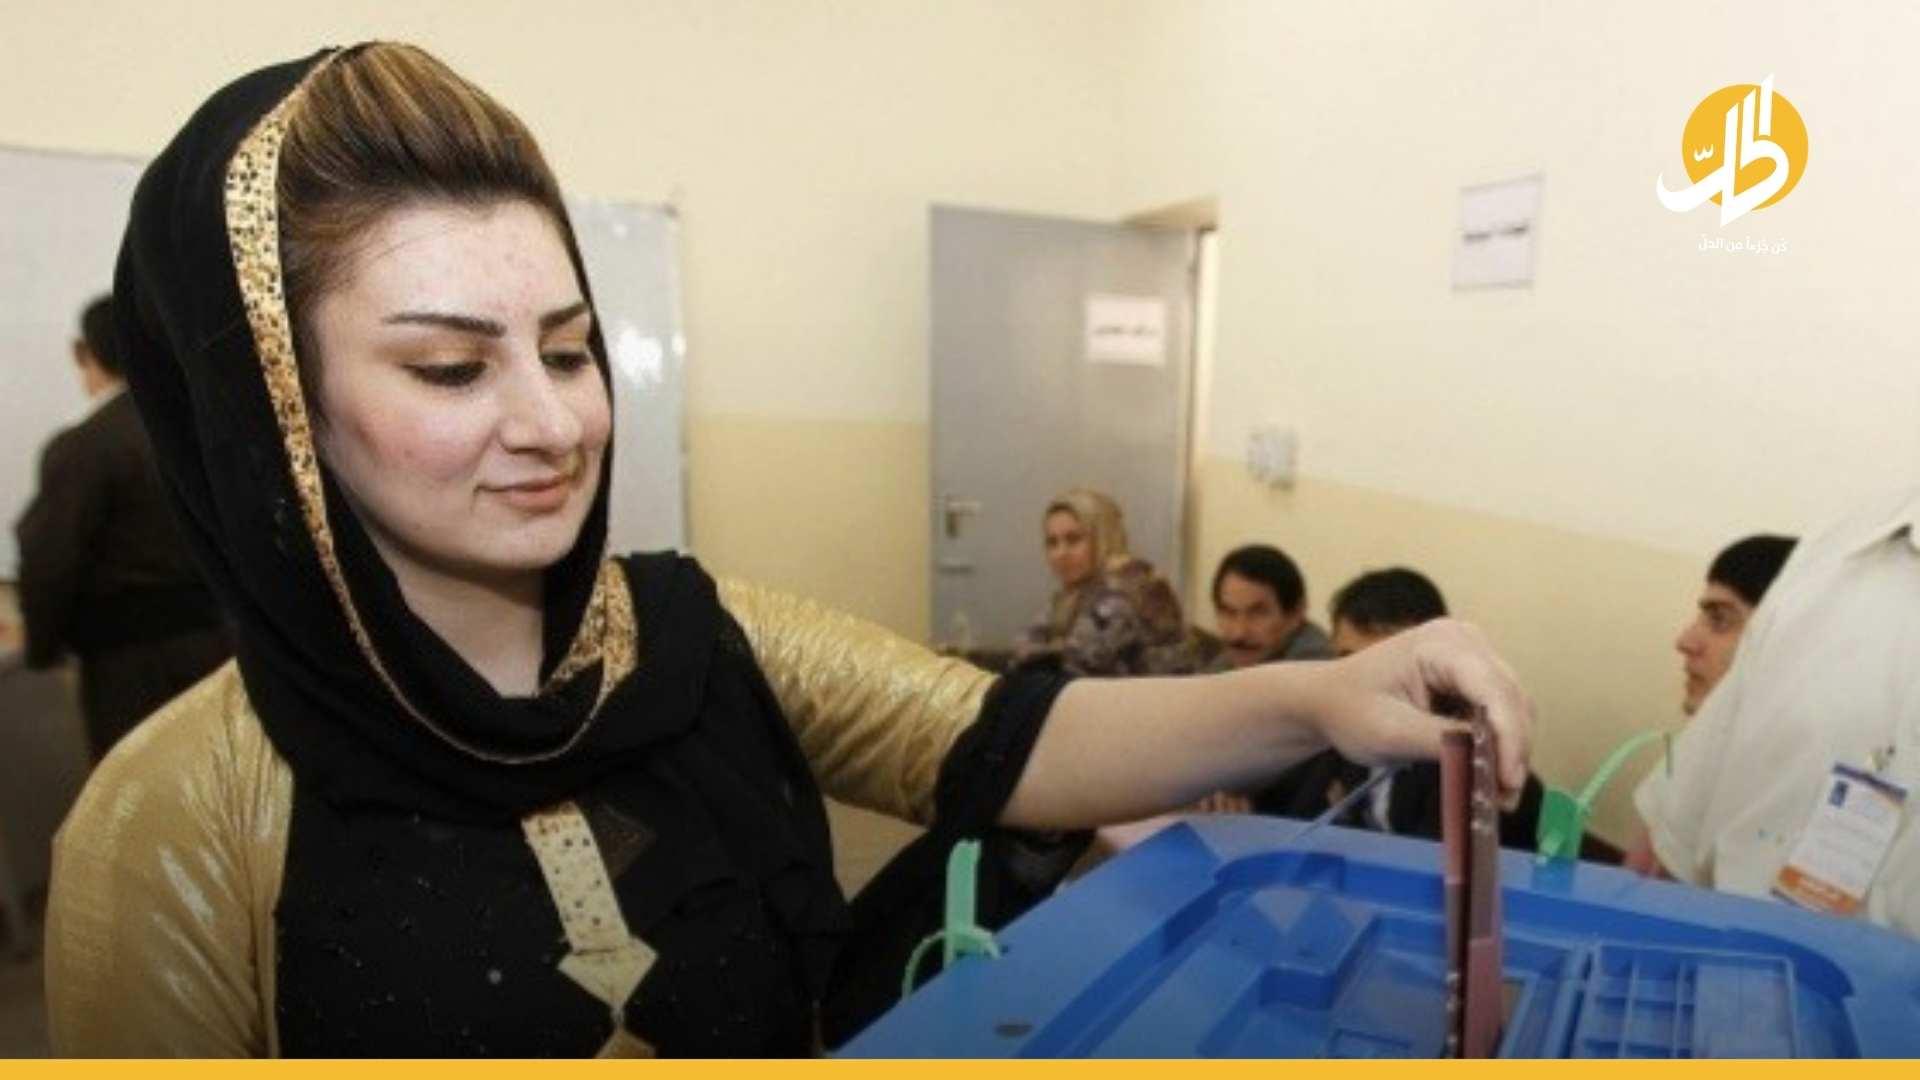 الانتخابات العراقية 2021: الكشف عن عدد مراقبي الأمم المتحدة لاقتراع أكتوبر